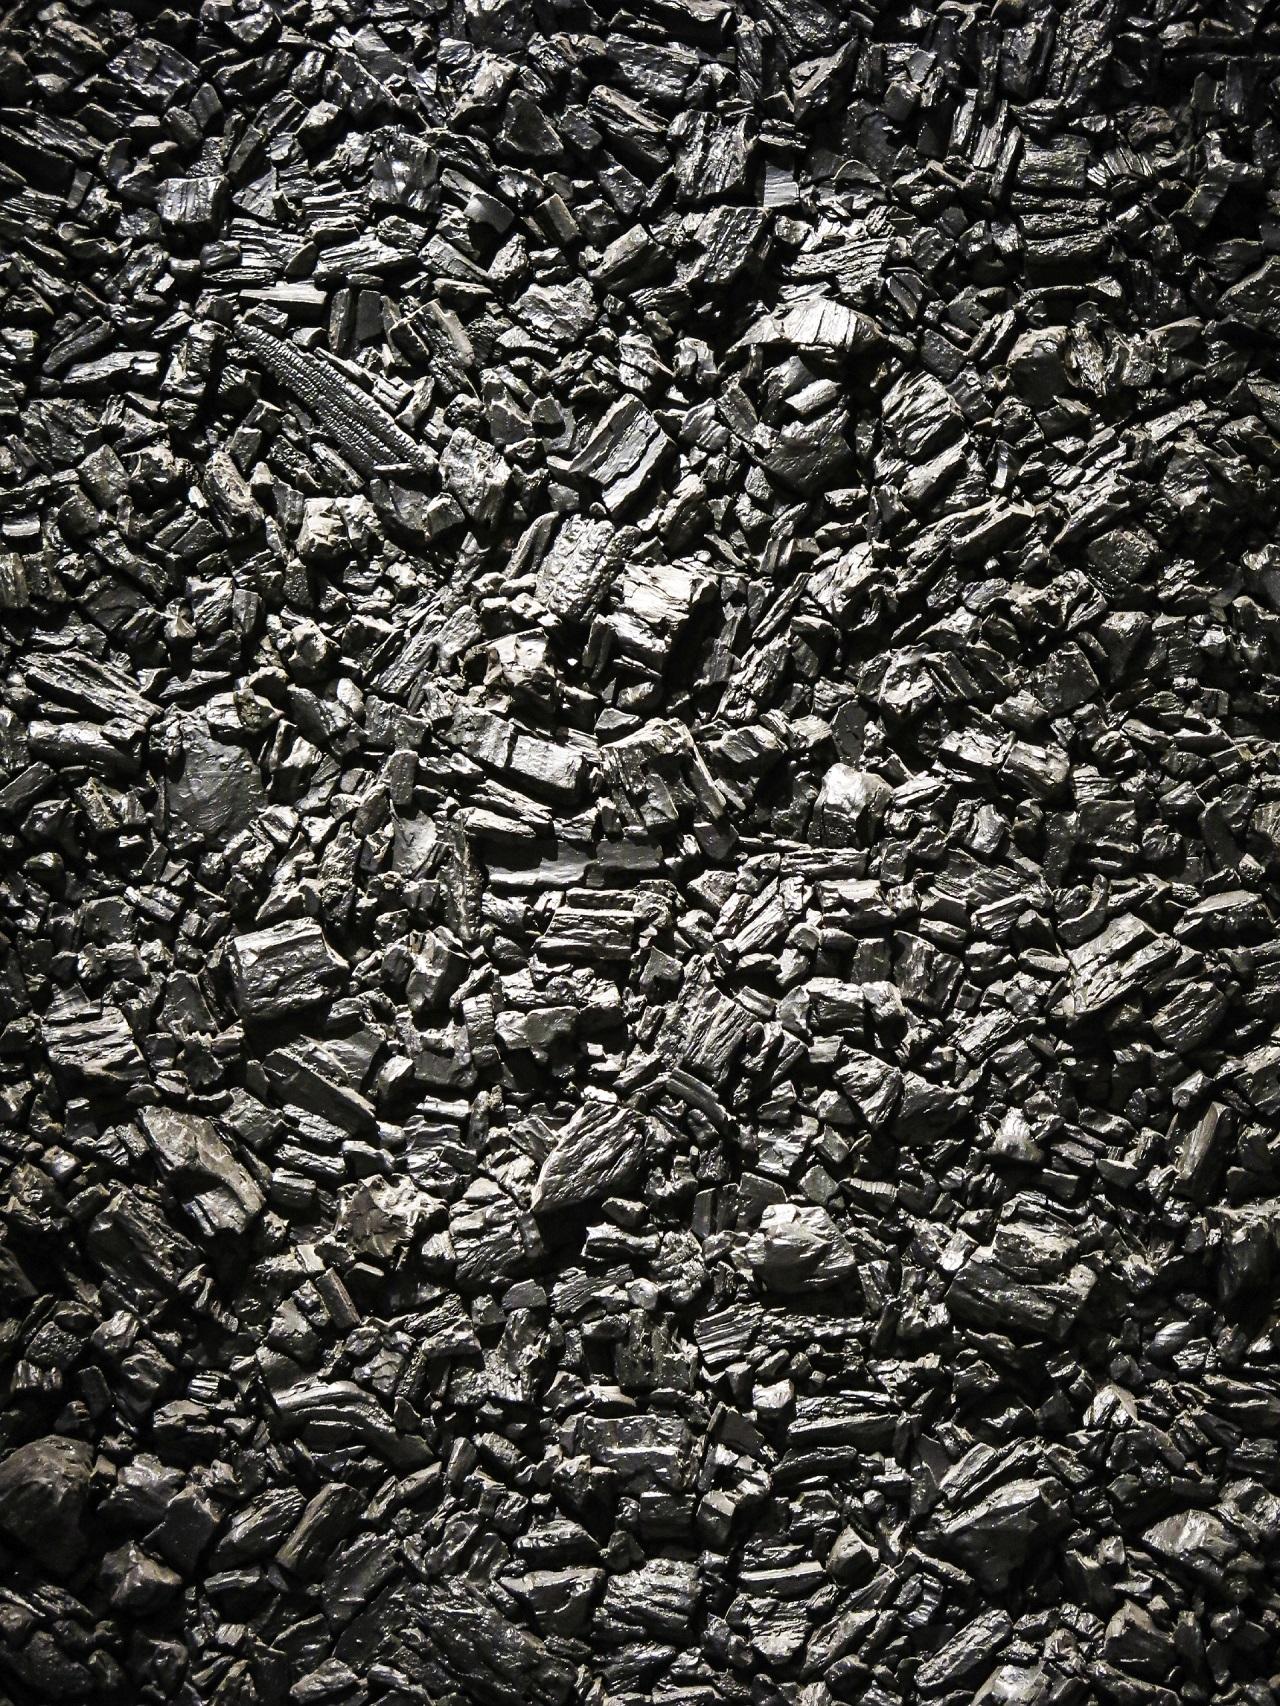 Trg premoga bo do leta 2023 ostal stabilen